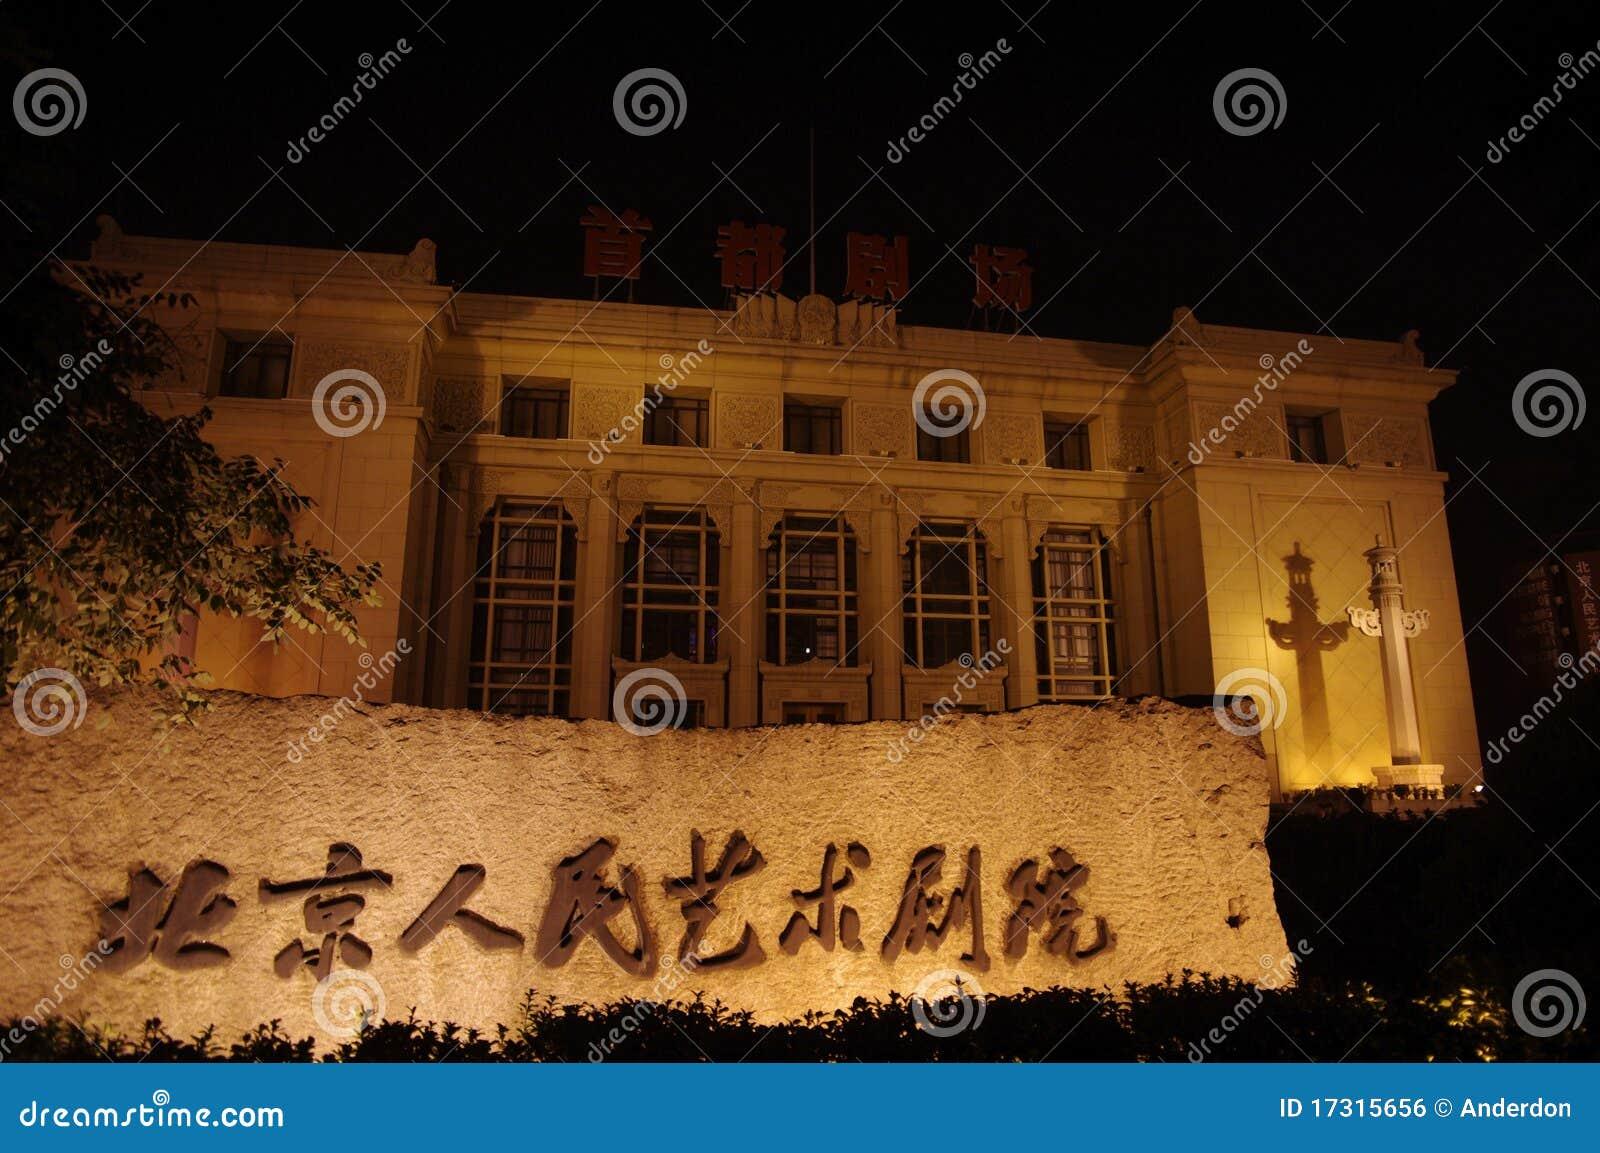 Beijing People s Art Theatre